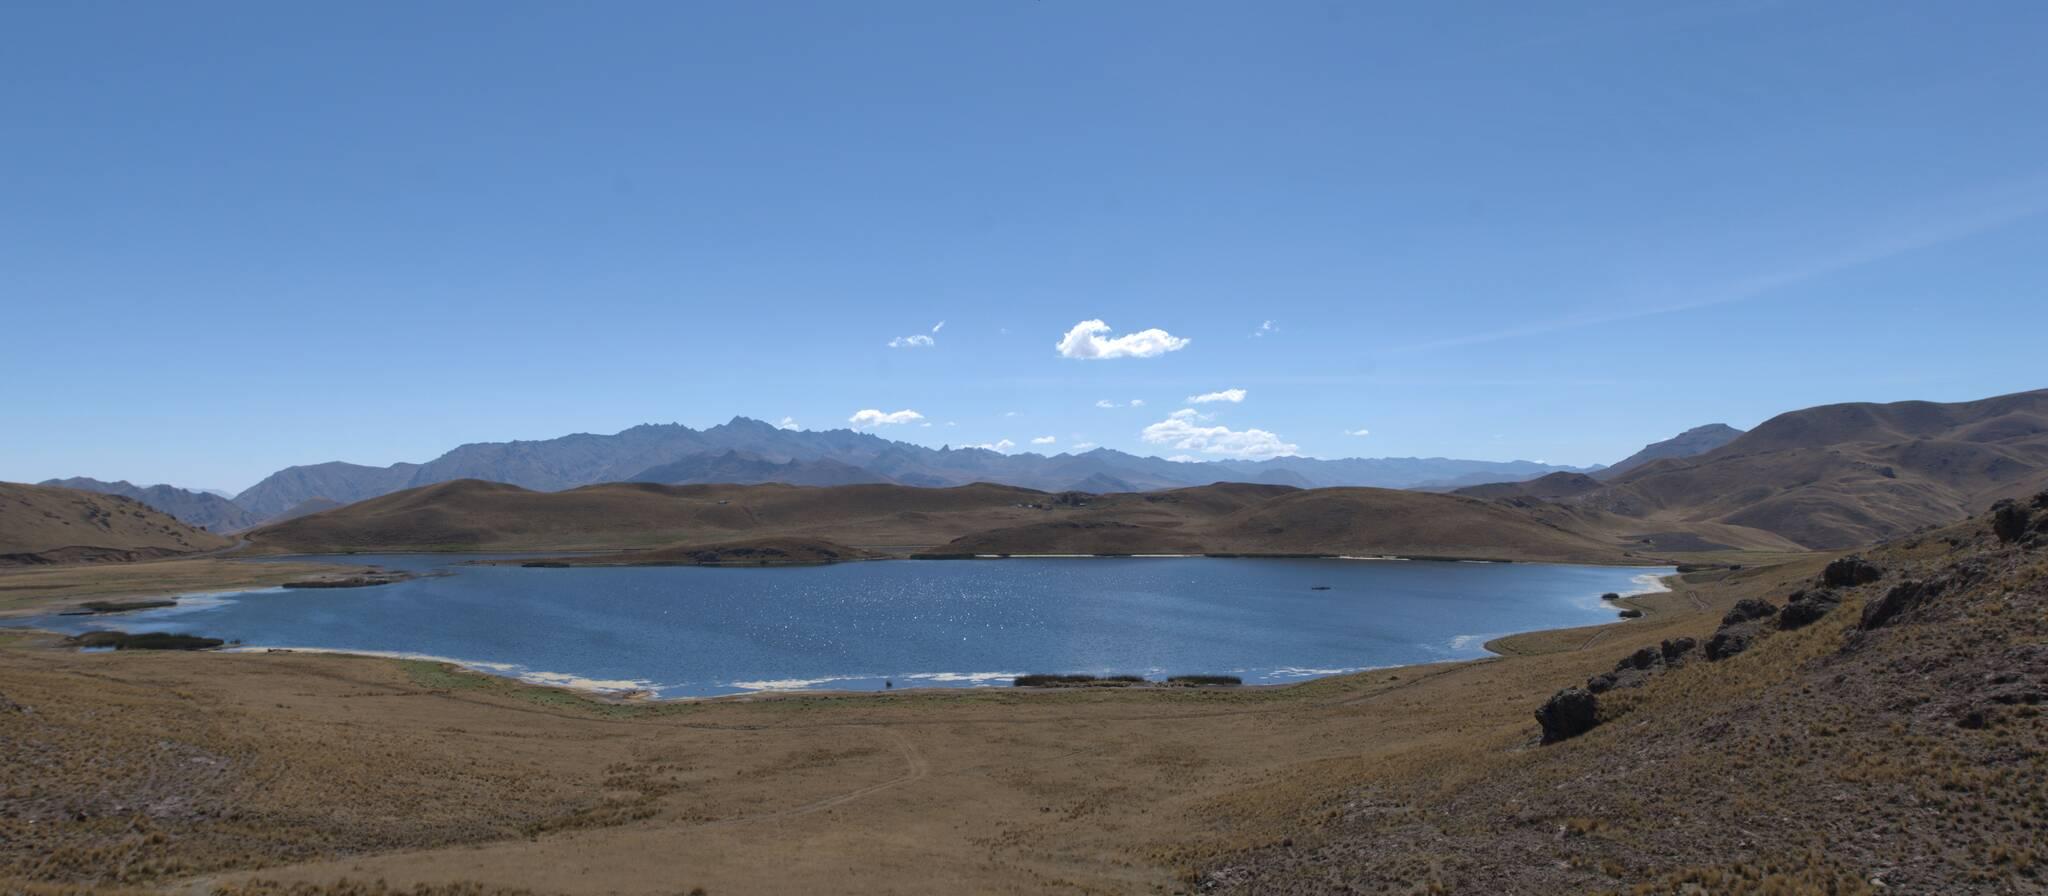 Wjeżdżam do regionu Puno